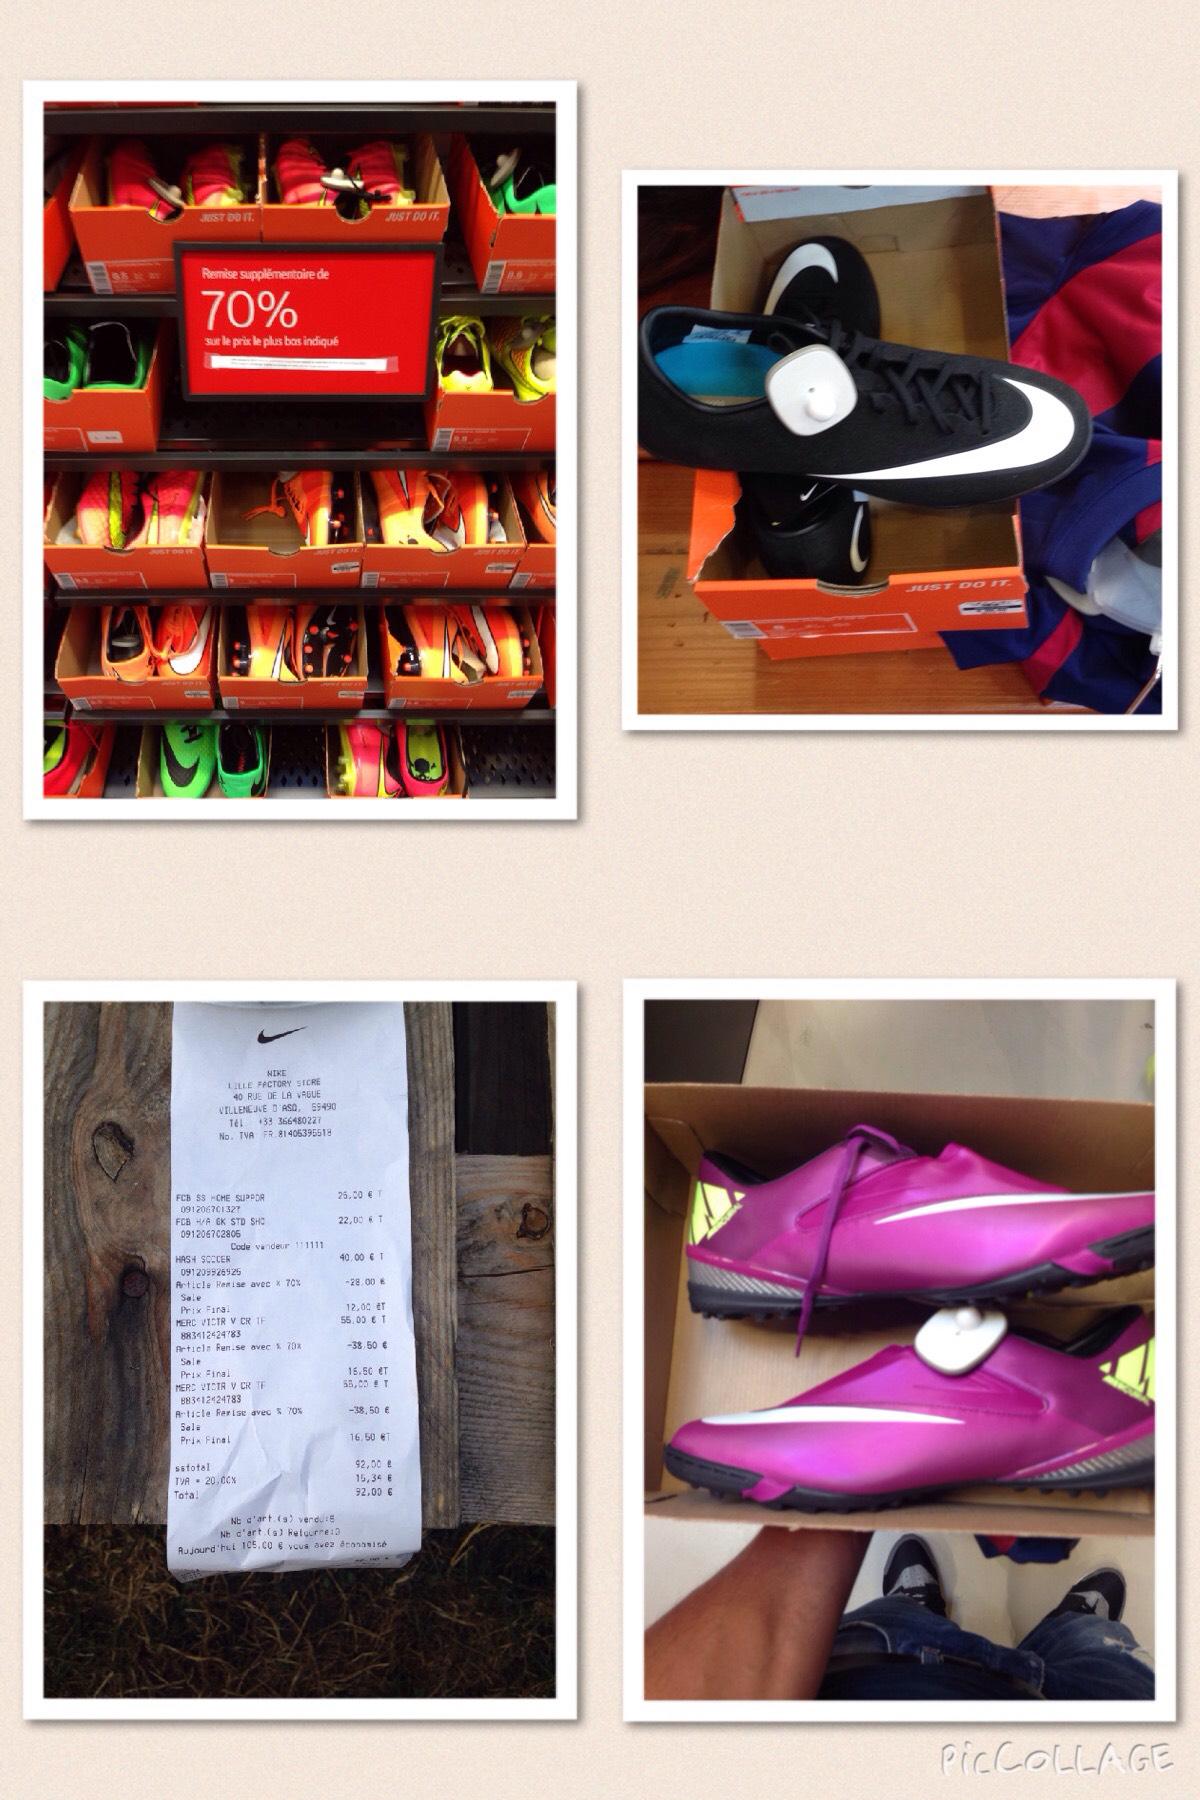 -70% sur les chaussures de football chez Nike - Ex: Nike mercurial